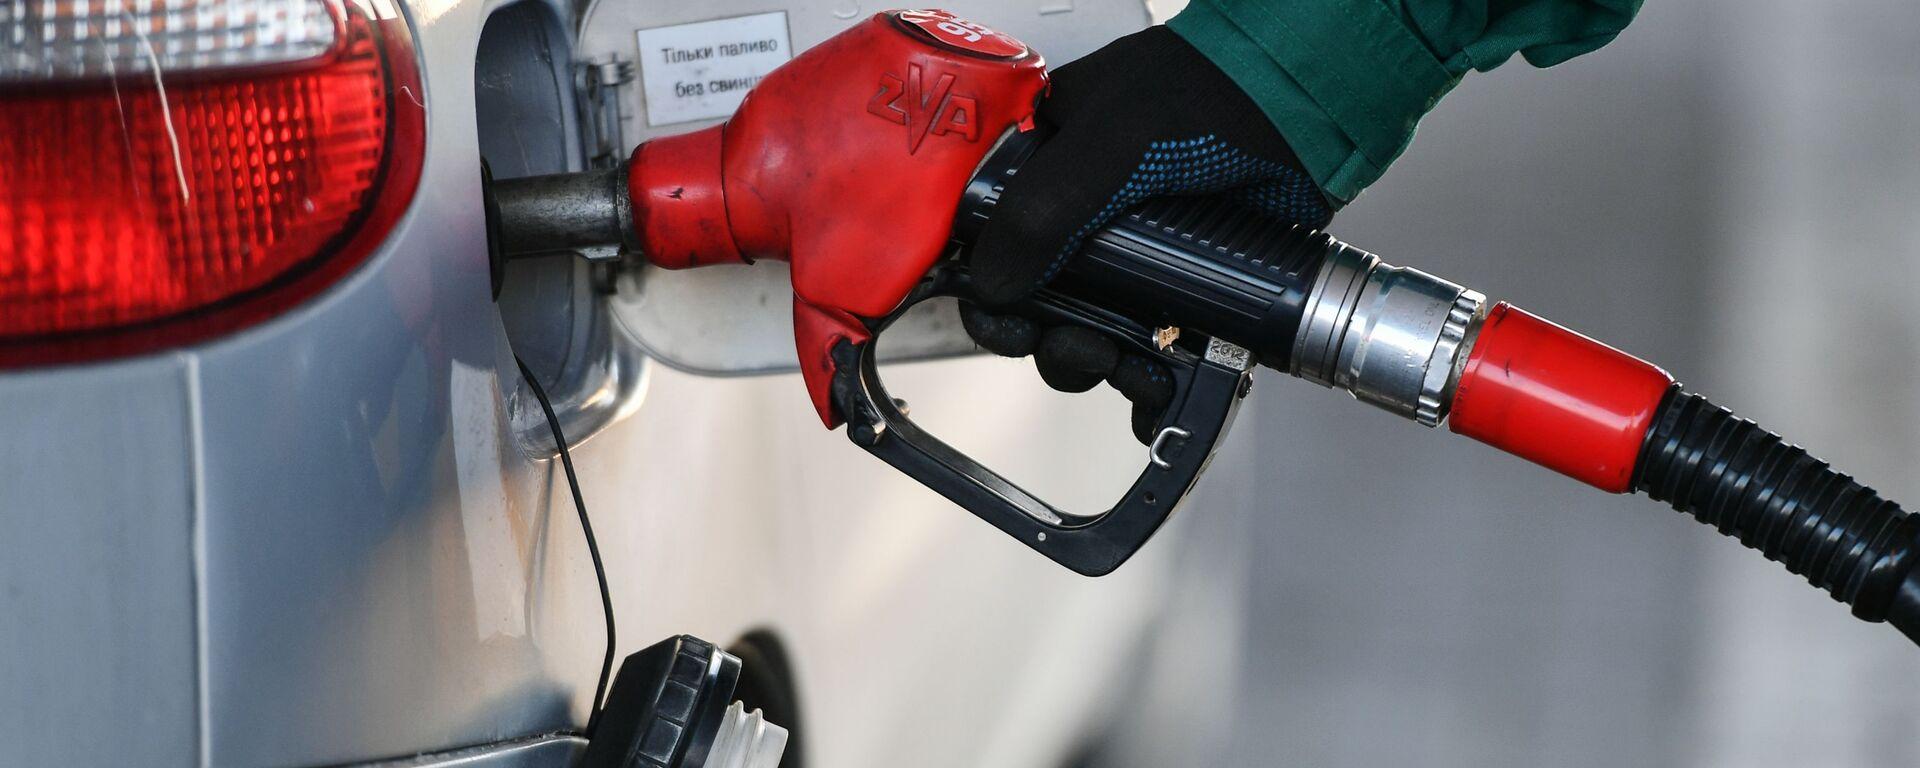 Reabastecimiento de combustible en una gasolinera (imagen referencial) - Sputnik Mundo, 1920, 19.05.2020